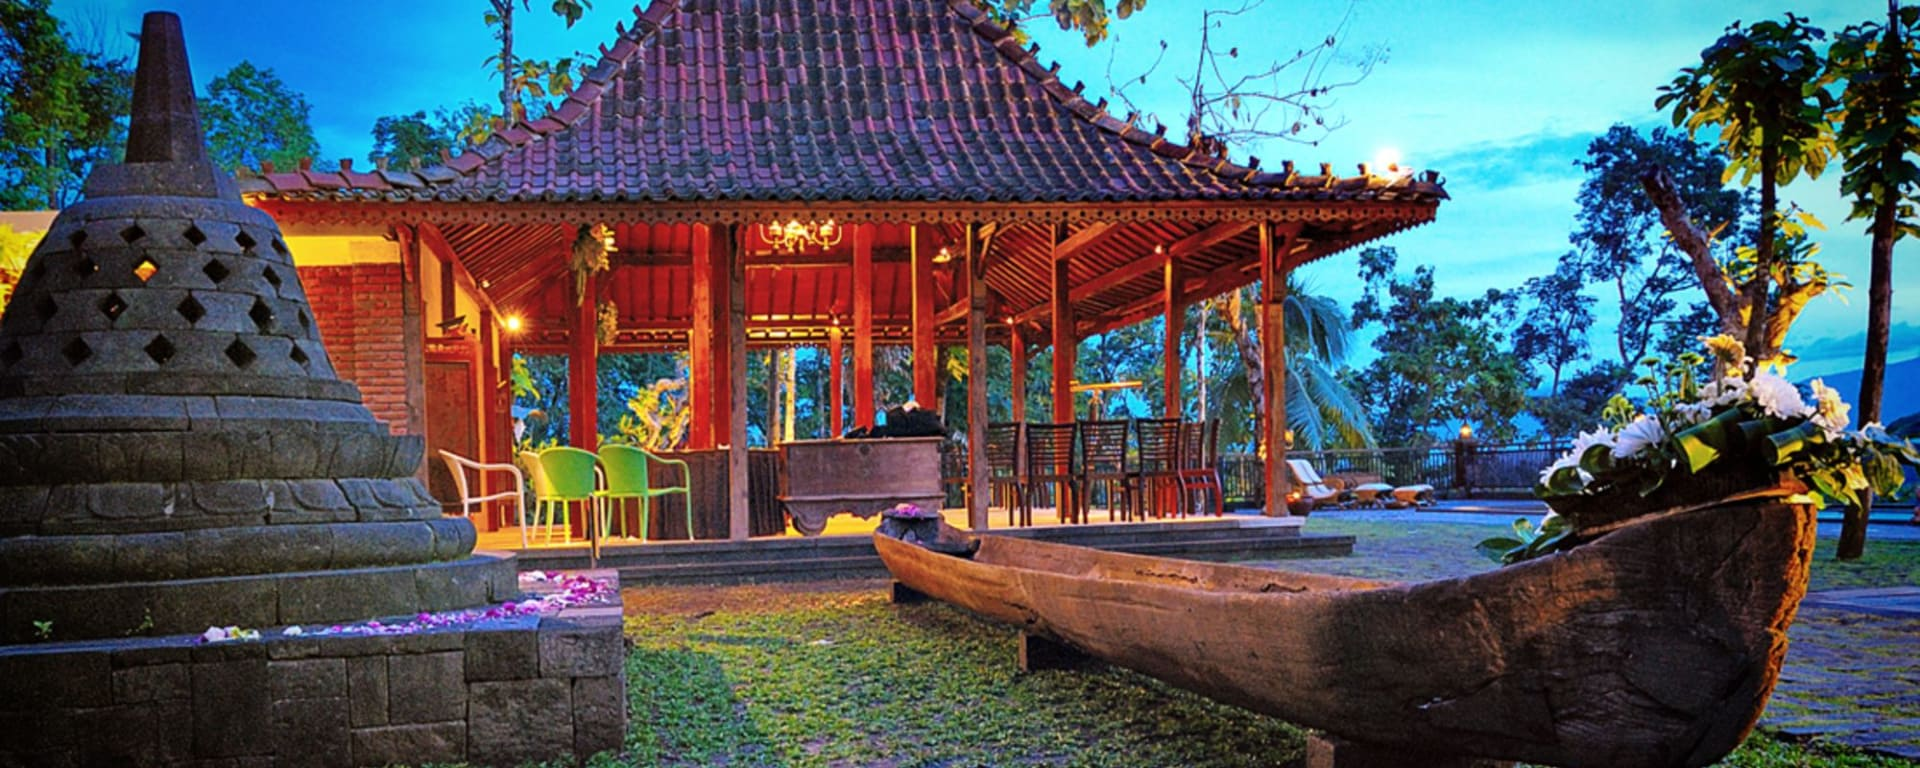 Plataran Borobudur Resort & Spa in Yogyakarta: